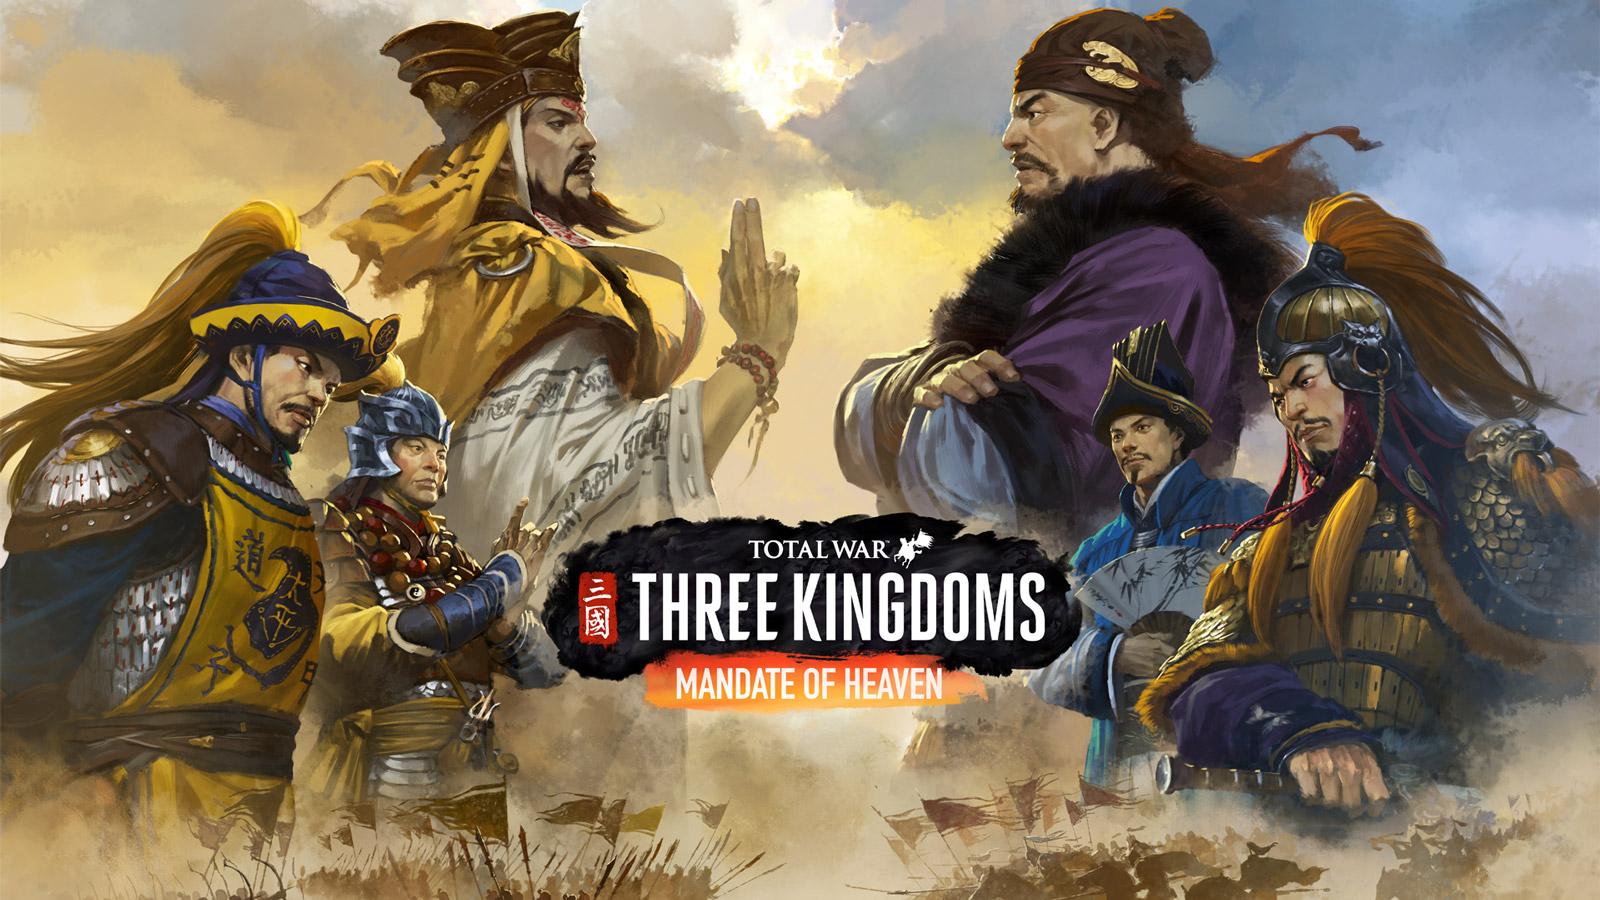 Free Total War: Three Kingdoms Wallpaper in 1600x900